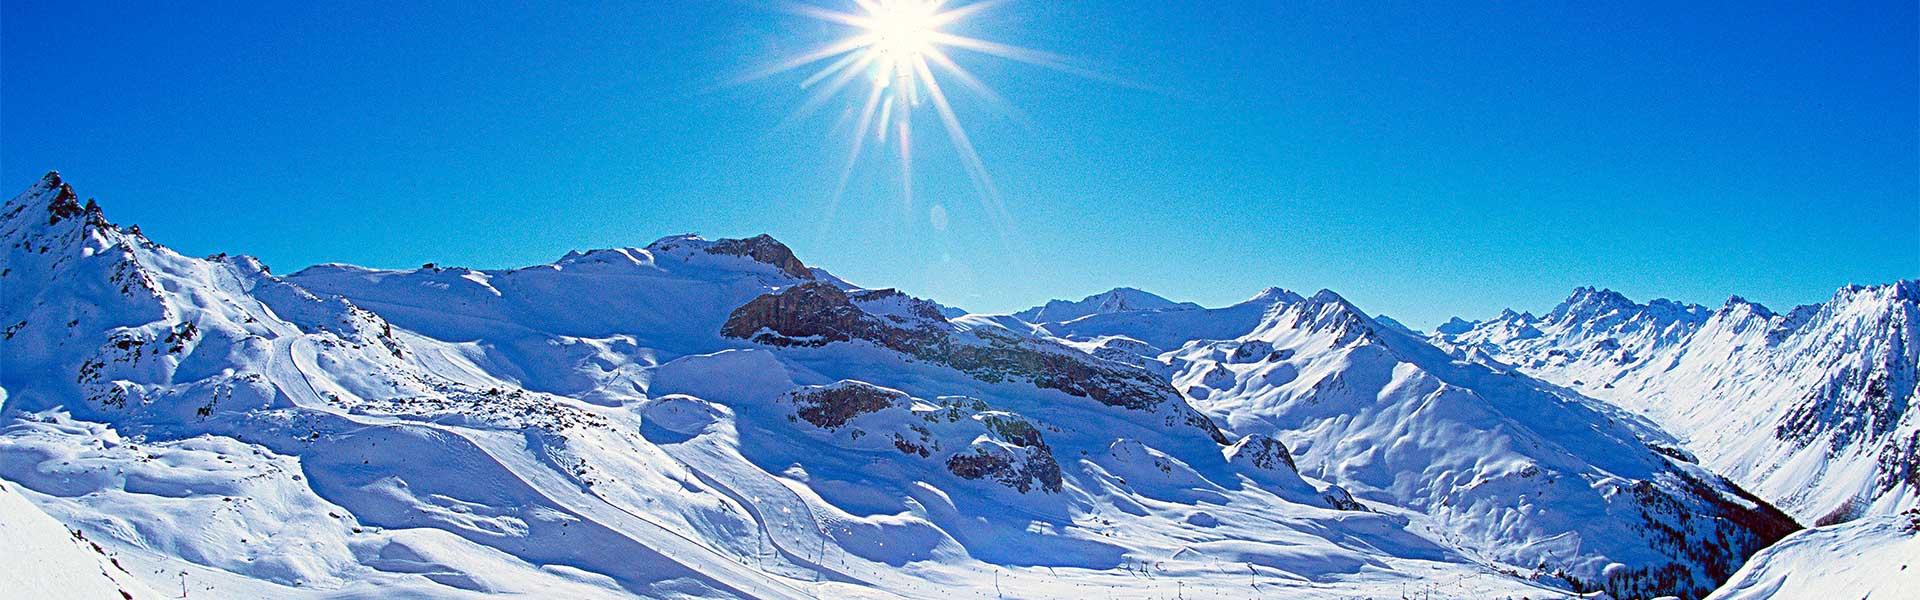 Schnee Landschaft in Ischgl